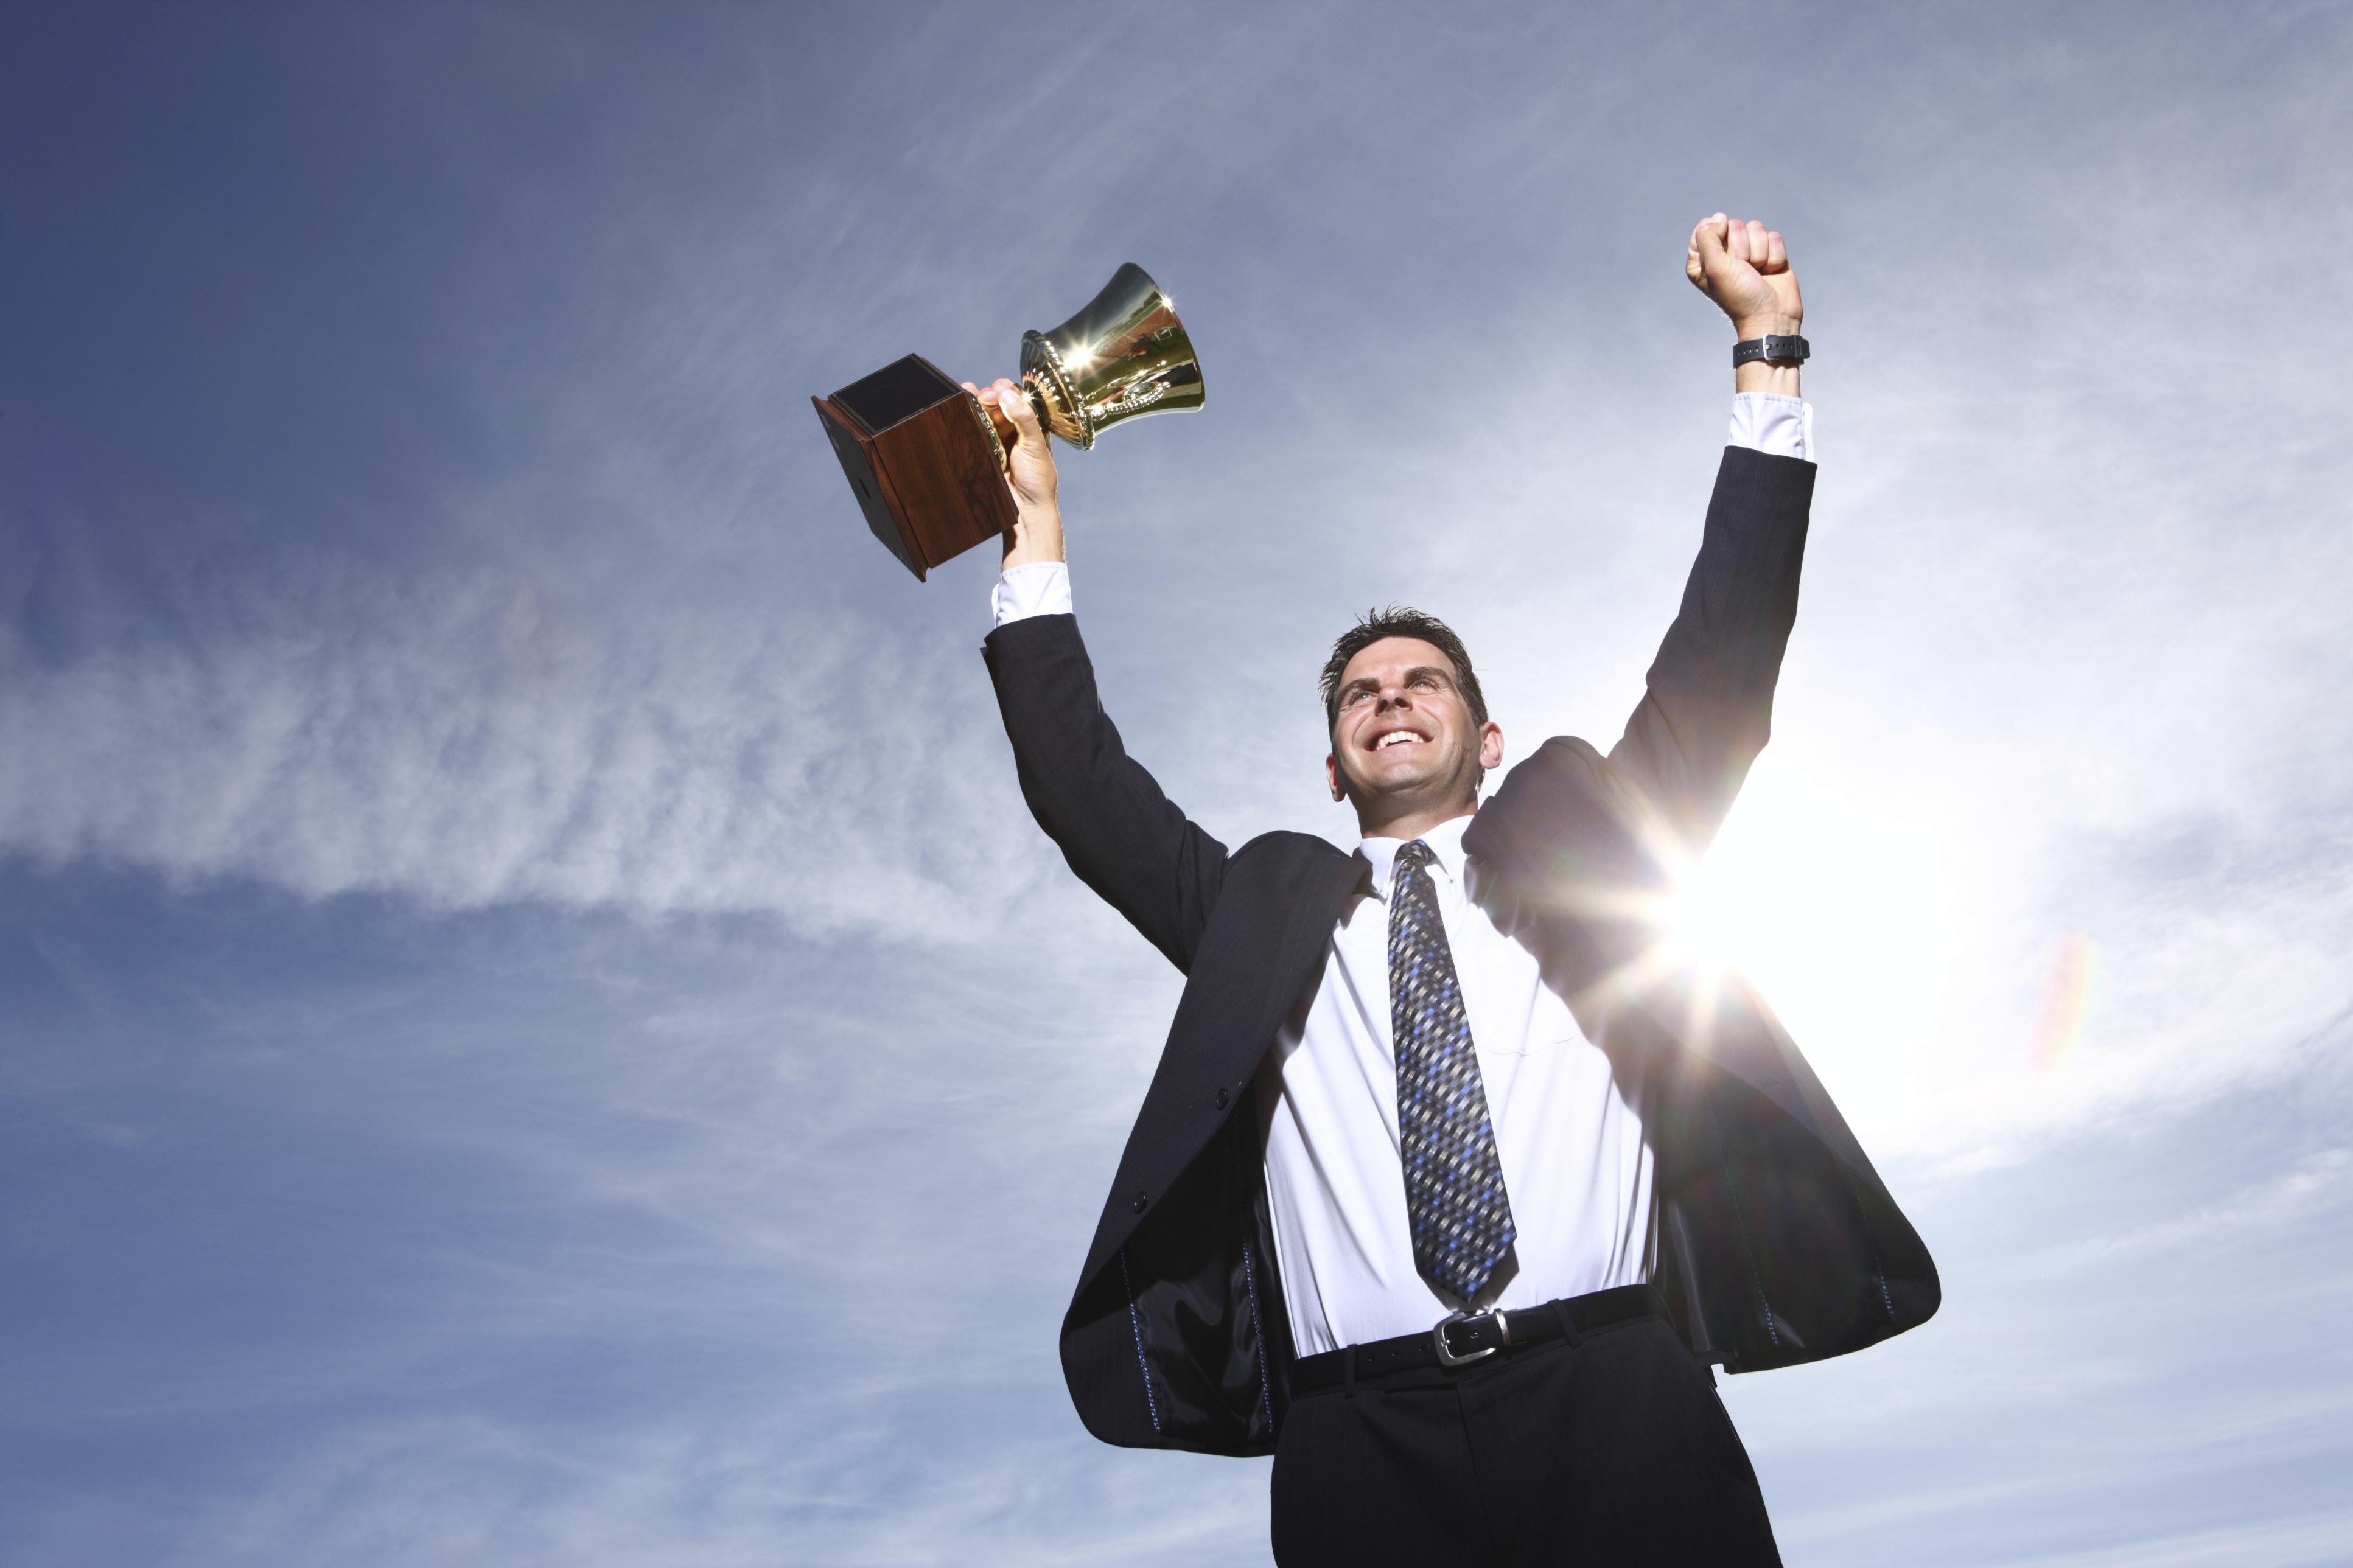 5 мужских имен, обладатели которых невероятно успешны в карьере